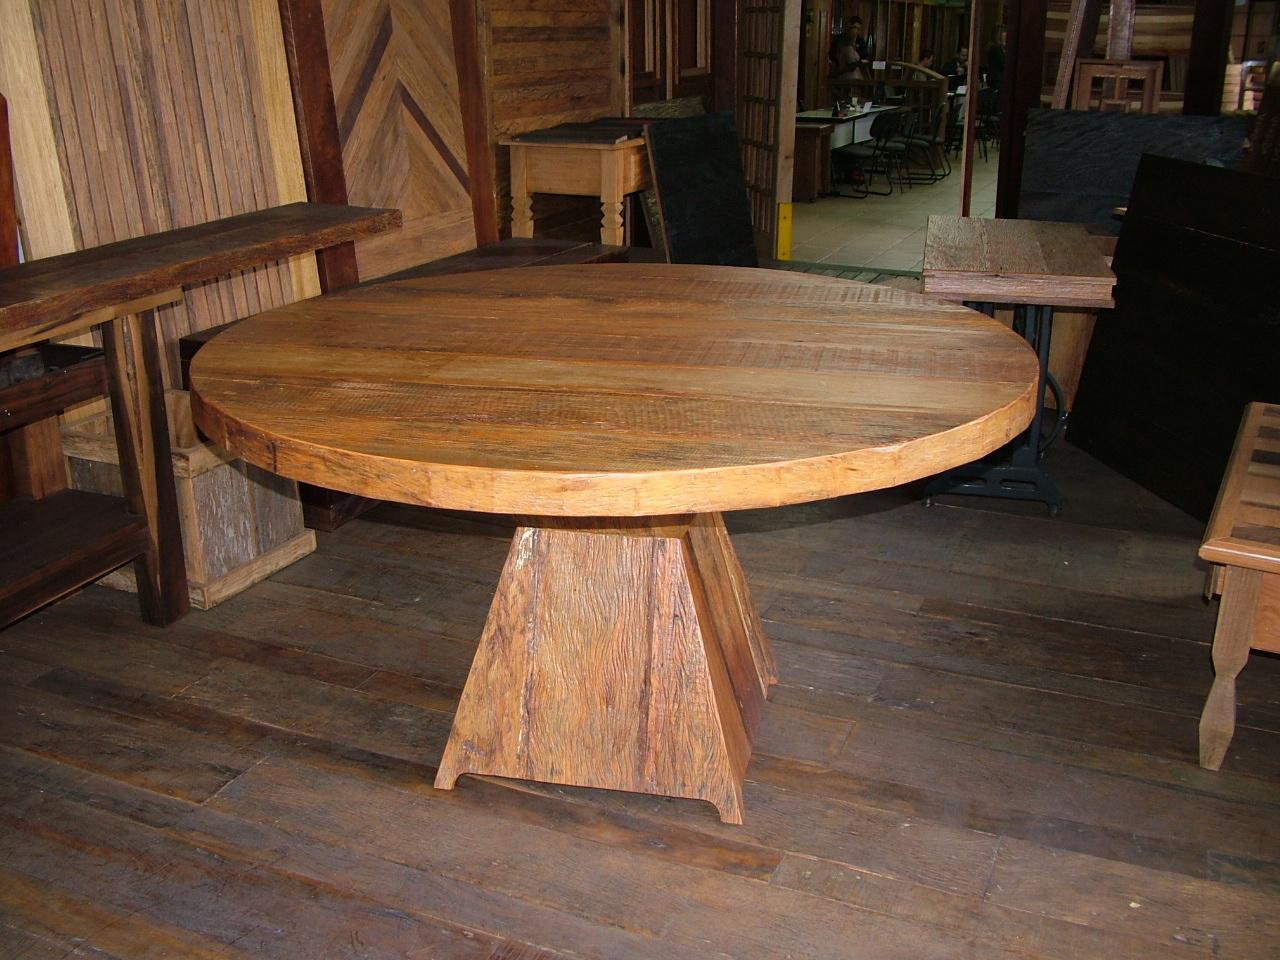 em madeira de demolição projetada com um tampo redondo de 1 50m de  #B96F12 1280x960